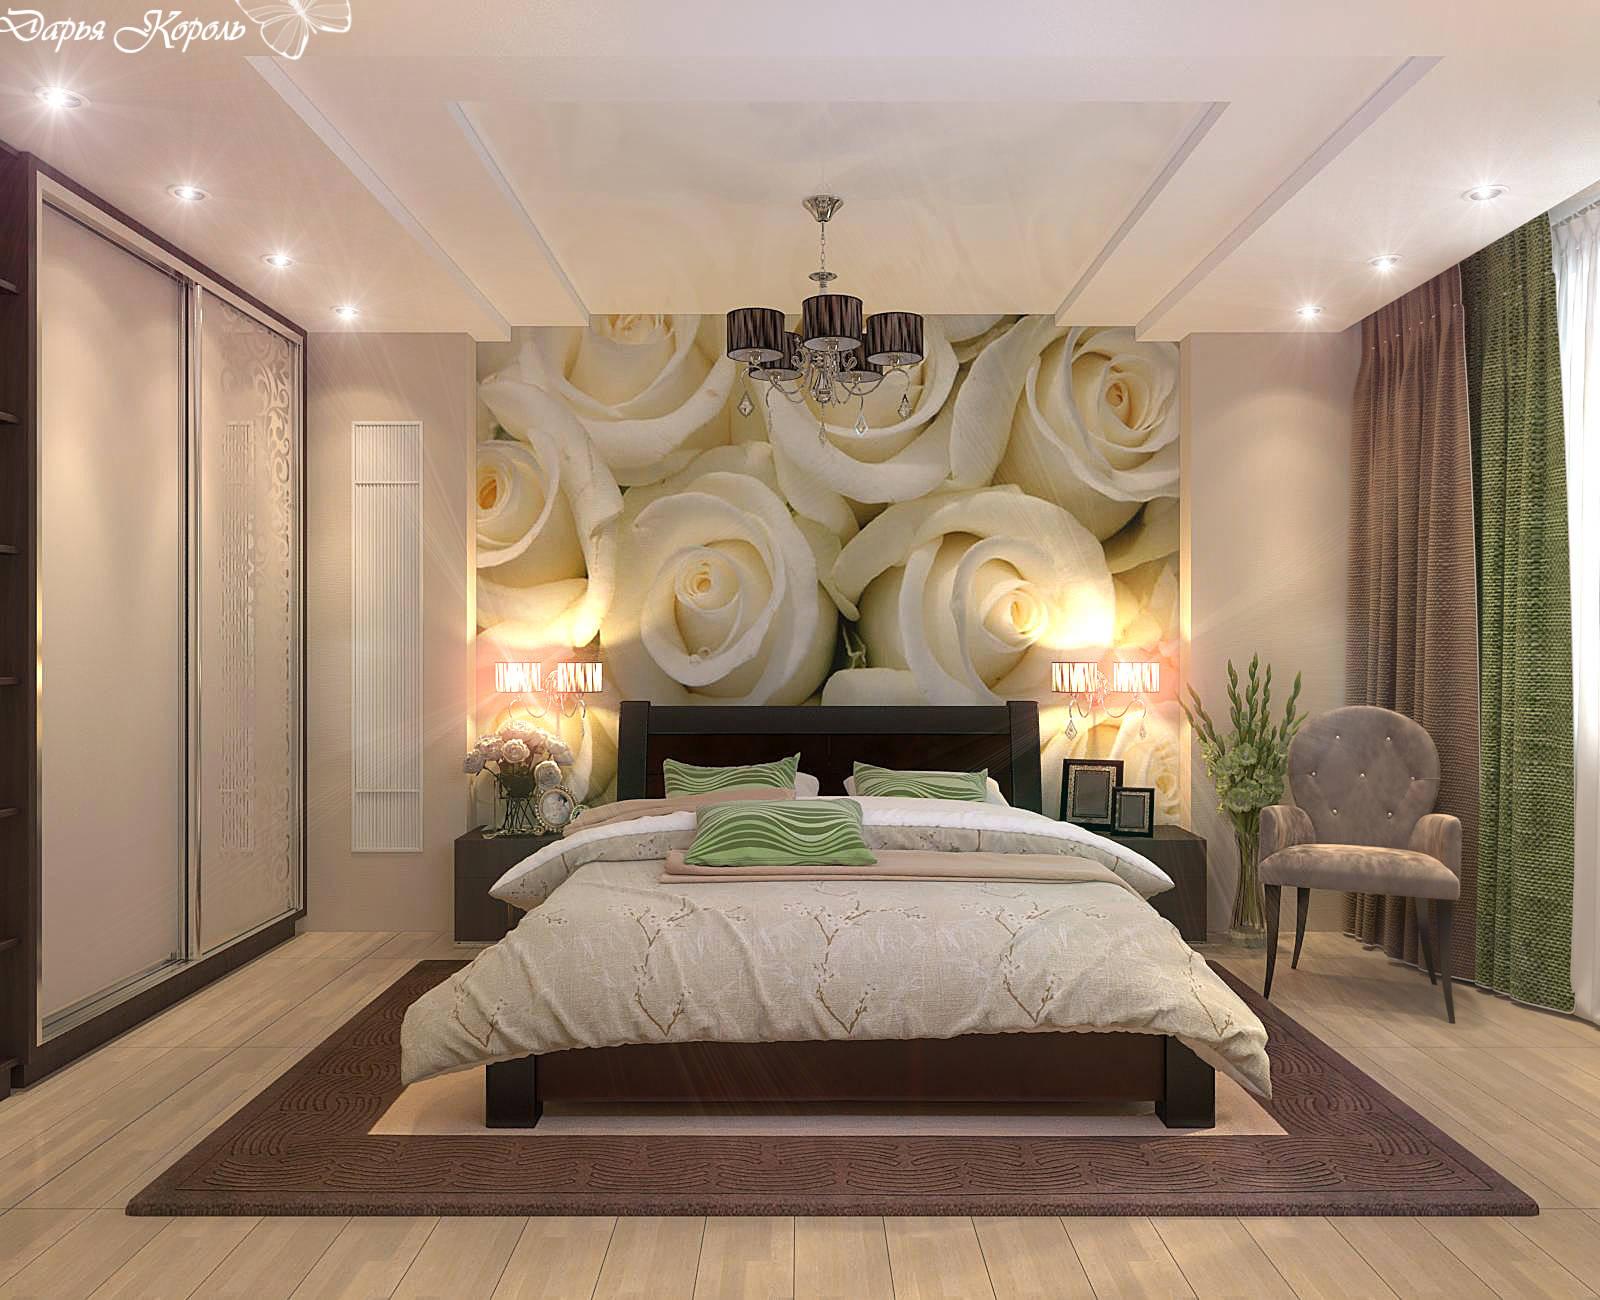 Фотообои дизайн спальни розы